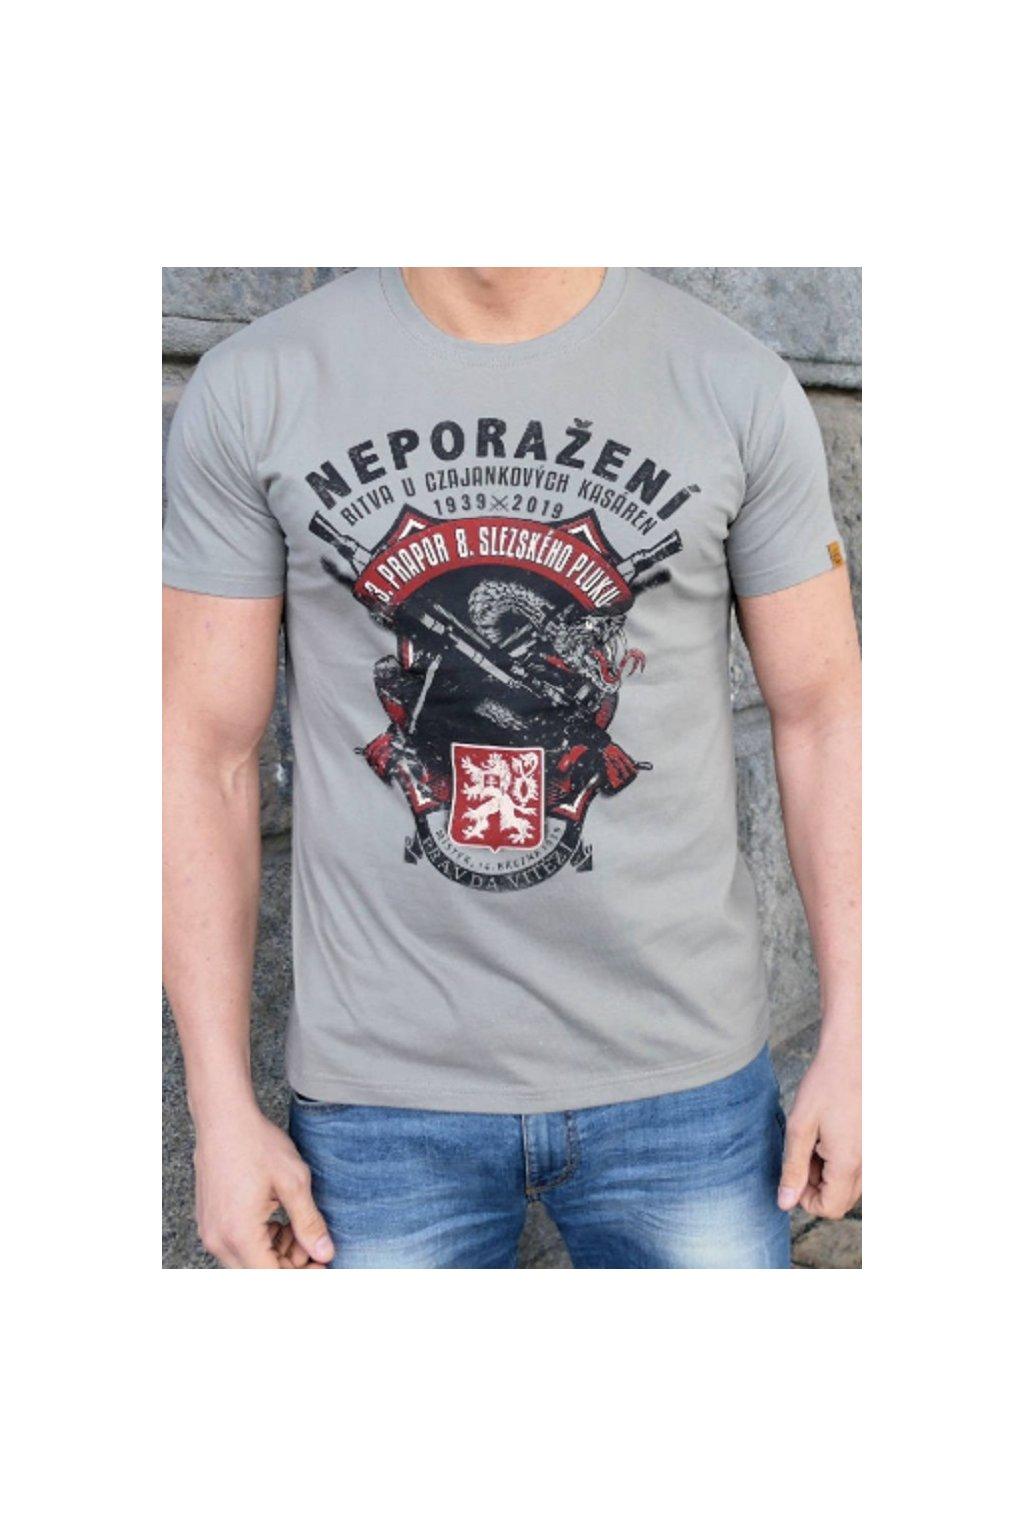 Radical Wear pánské triko Neporaženi šedivá obr1